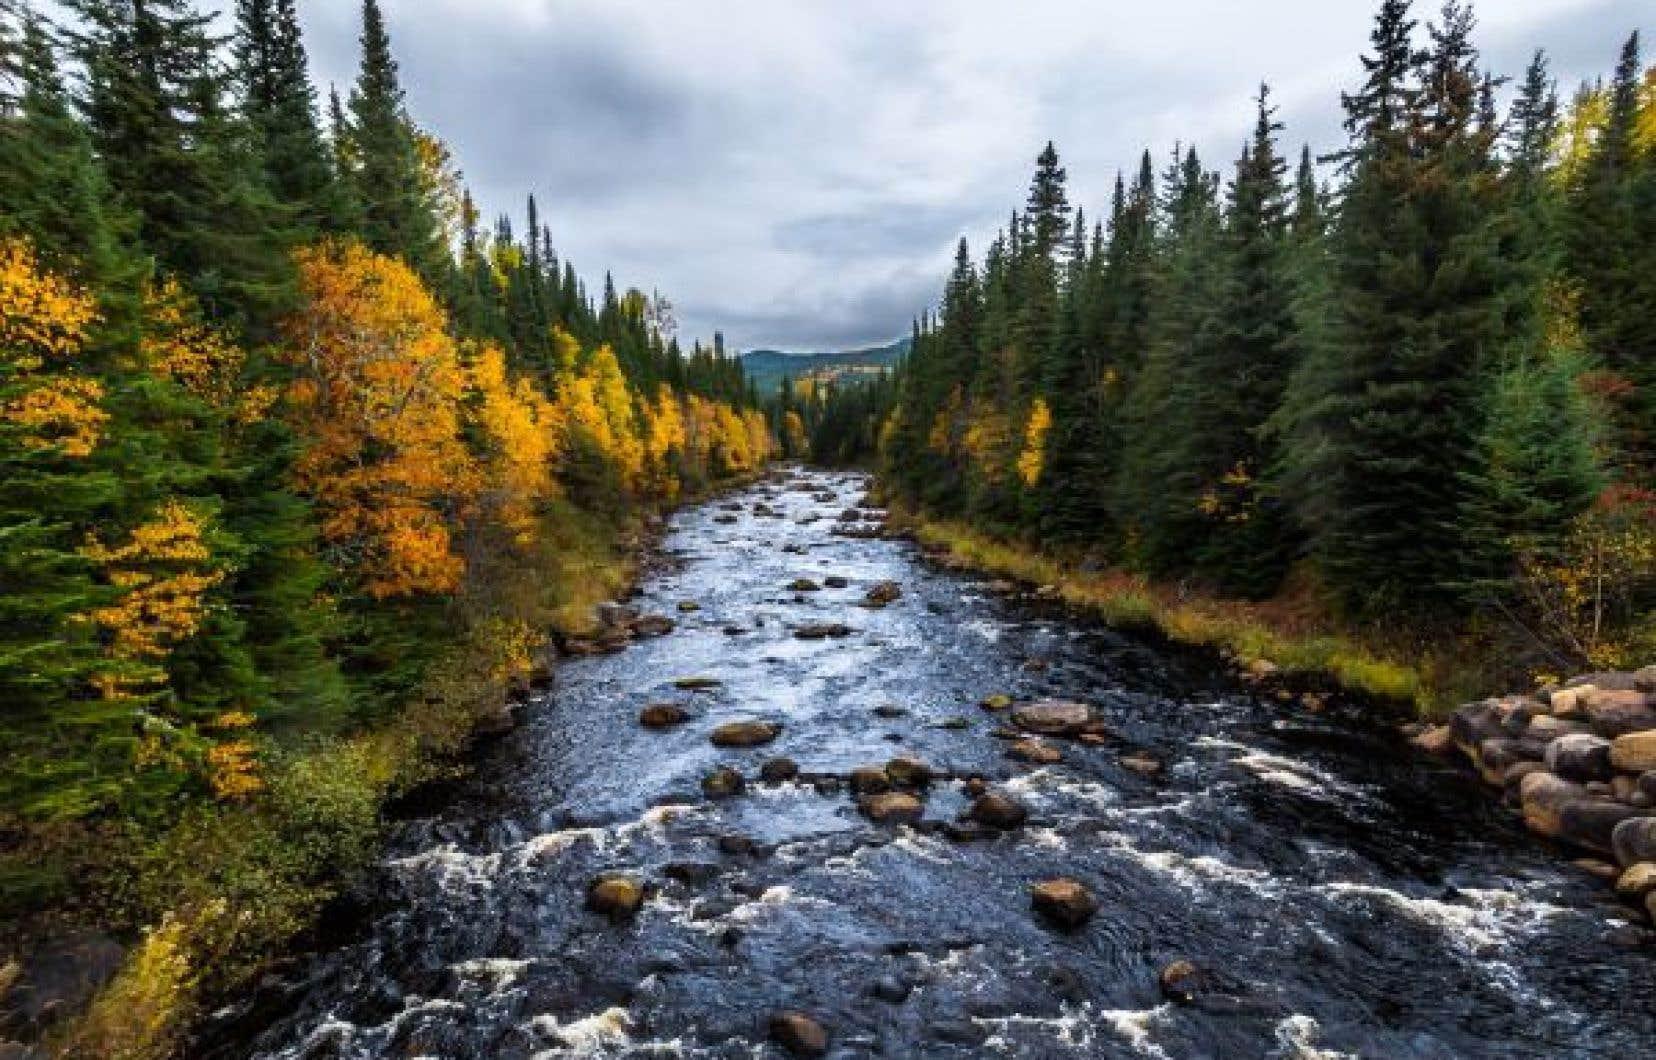 Pour compenser les GES qu'elle ne peut réduire, l'Université Laval mise sur son puits carbone de la forêt Montmorency,  la plus grande forêt d'enseignement et de recherche au monde, couvrant un territoire de 412km2.